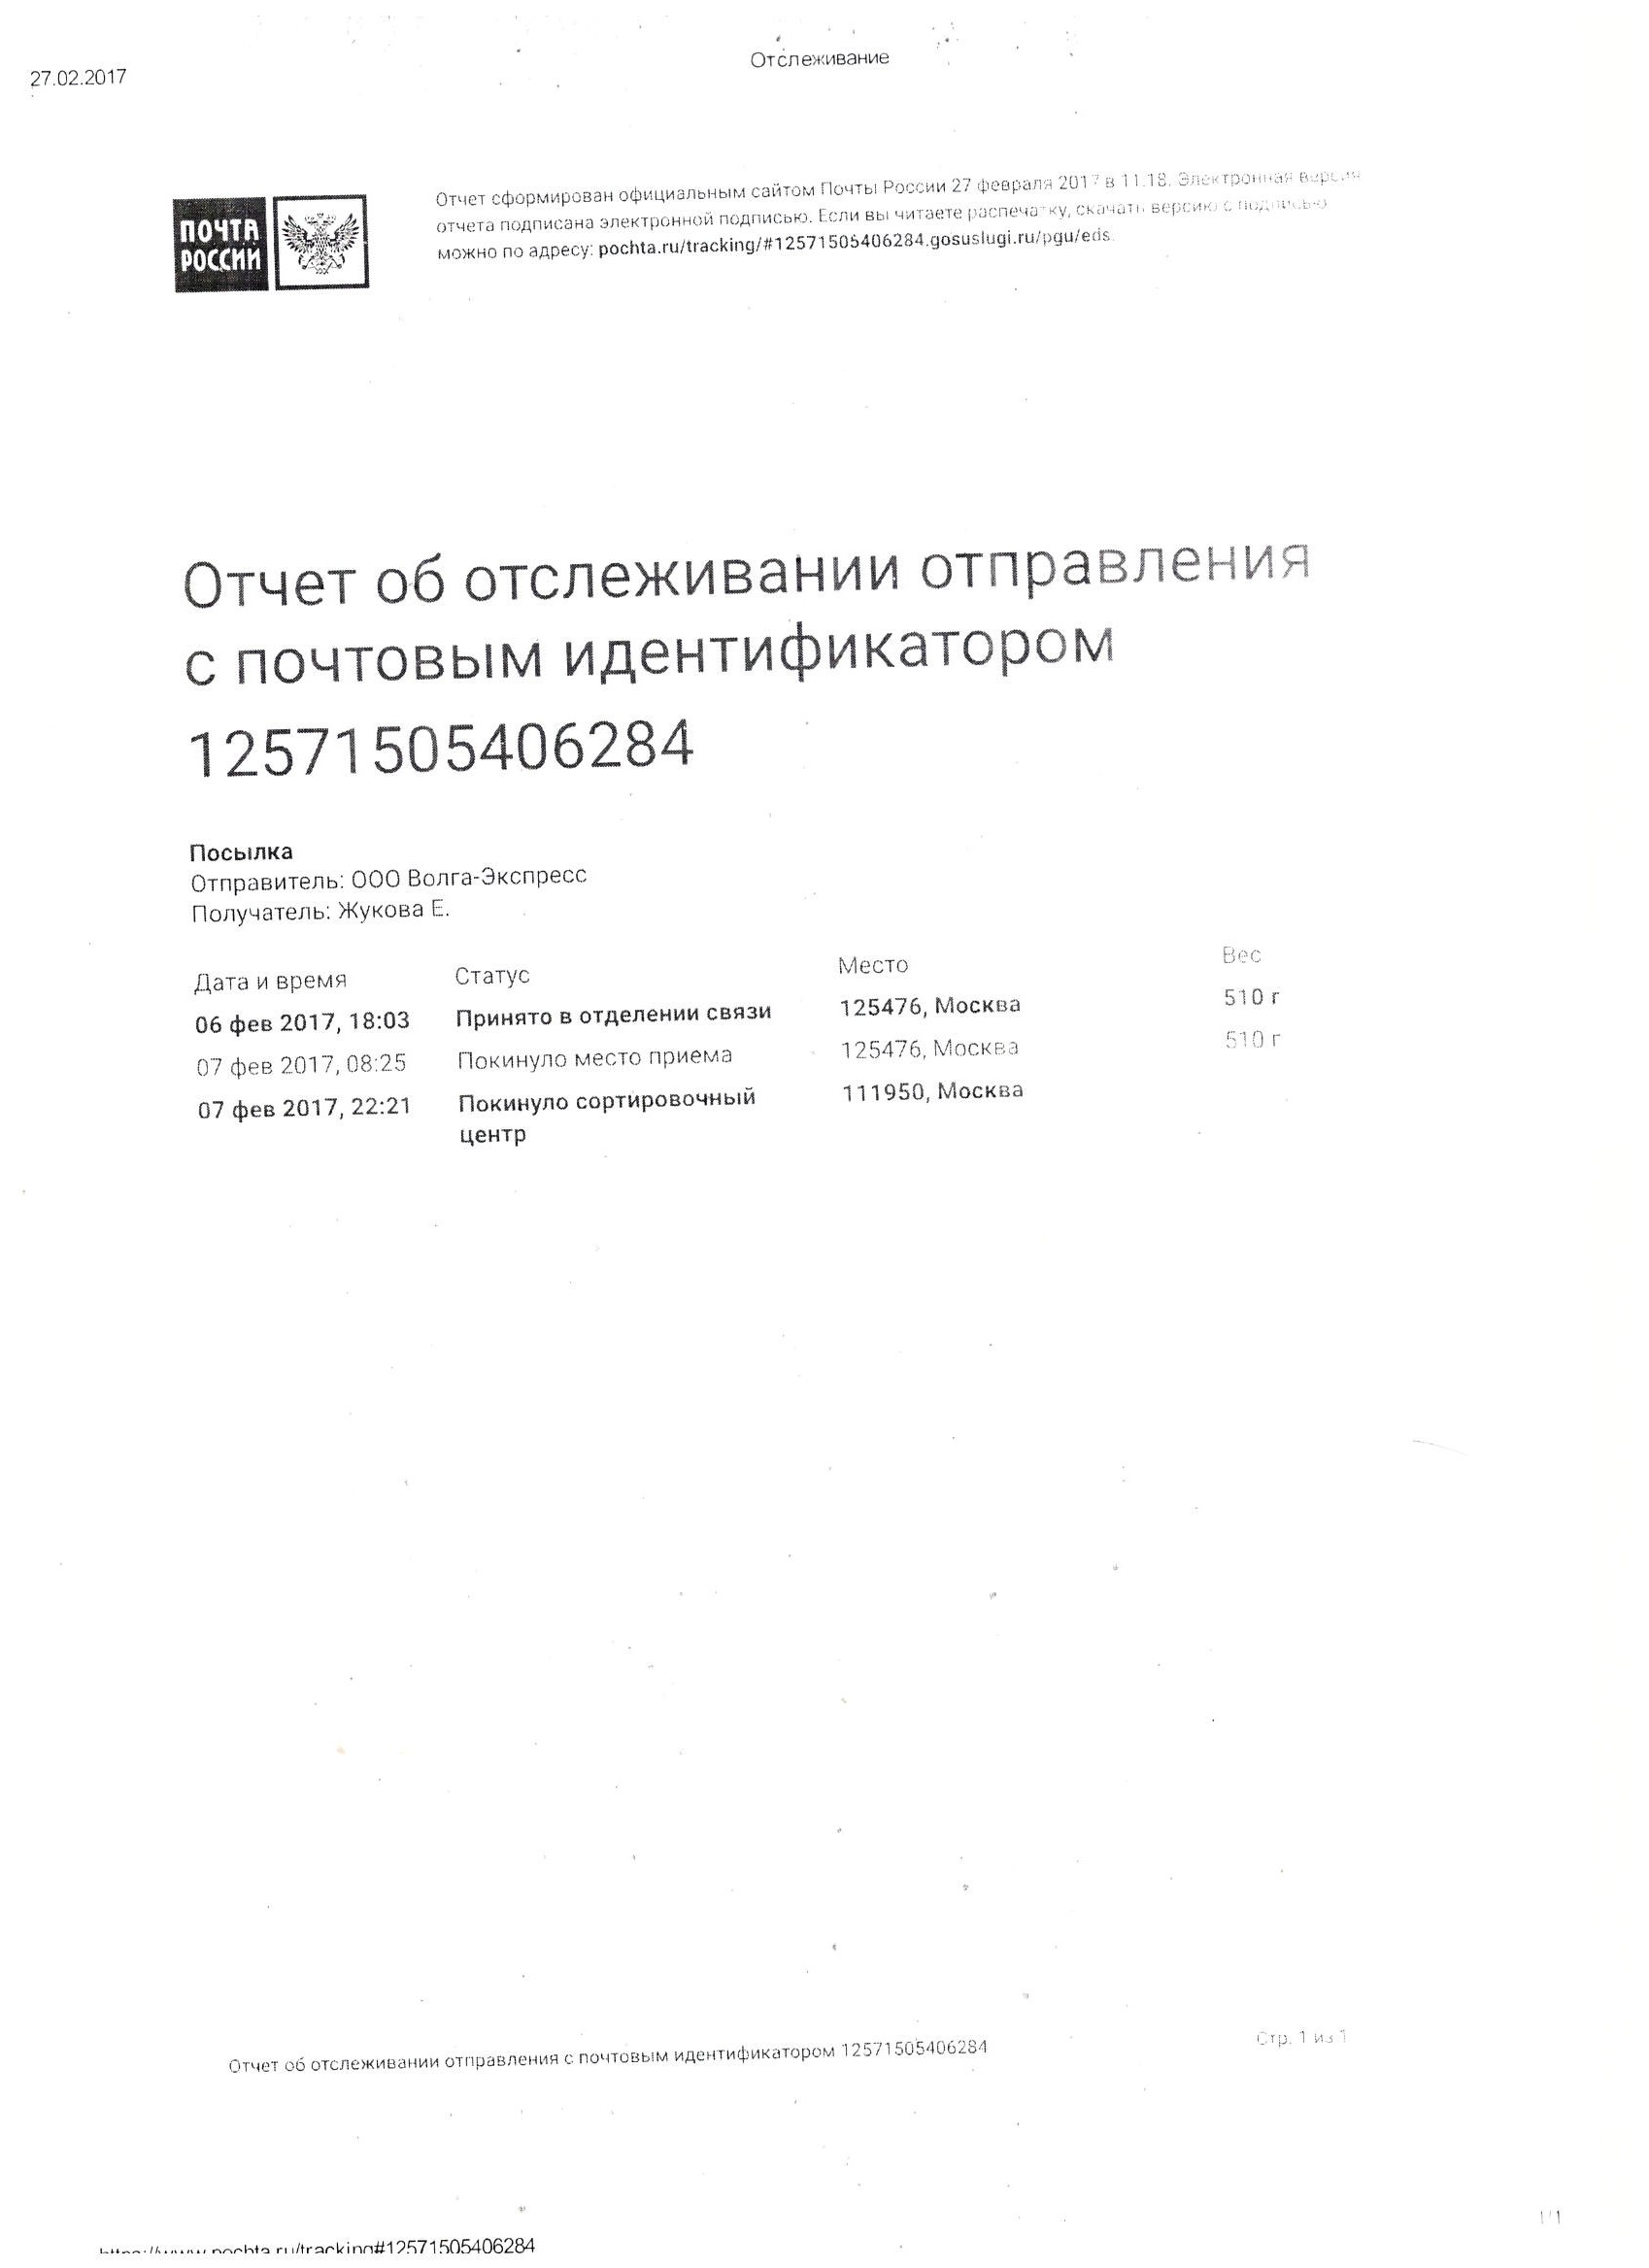 Инструкция почтового отделения о порядке вручения официальных писем